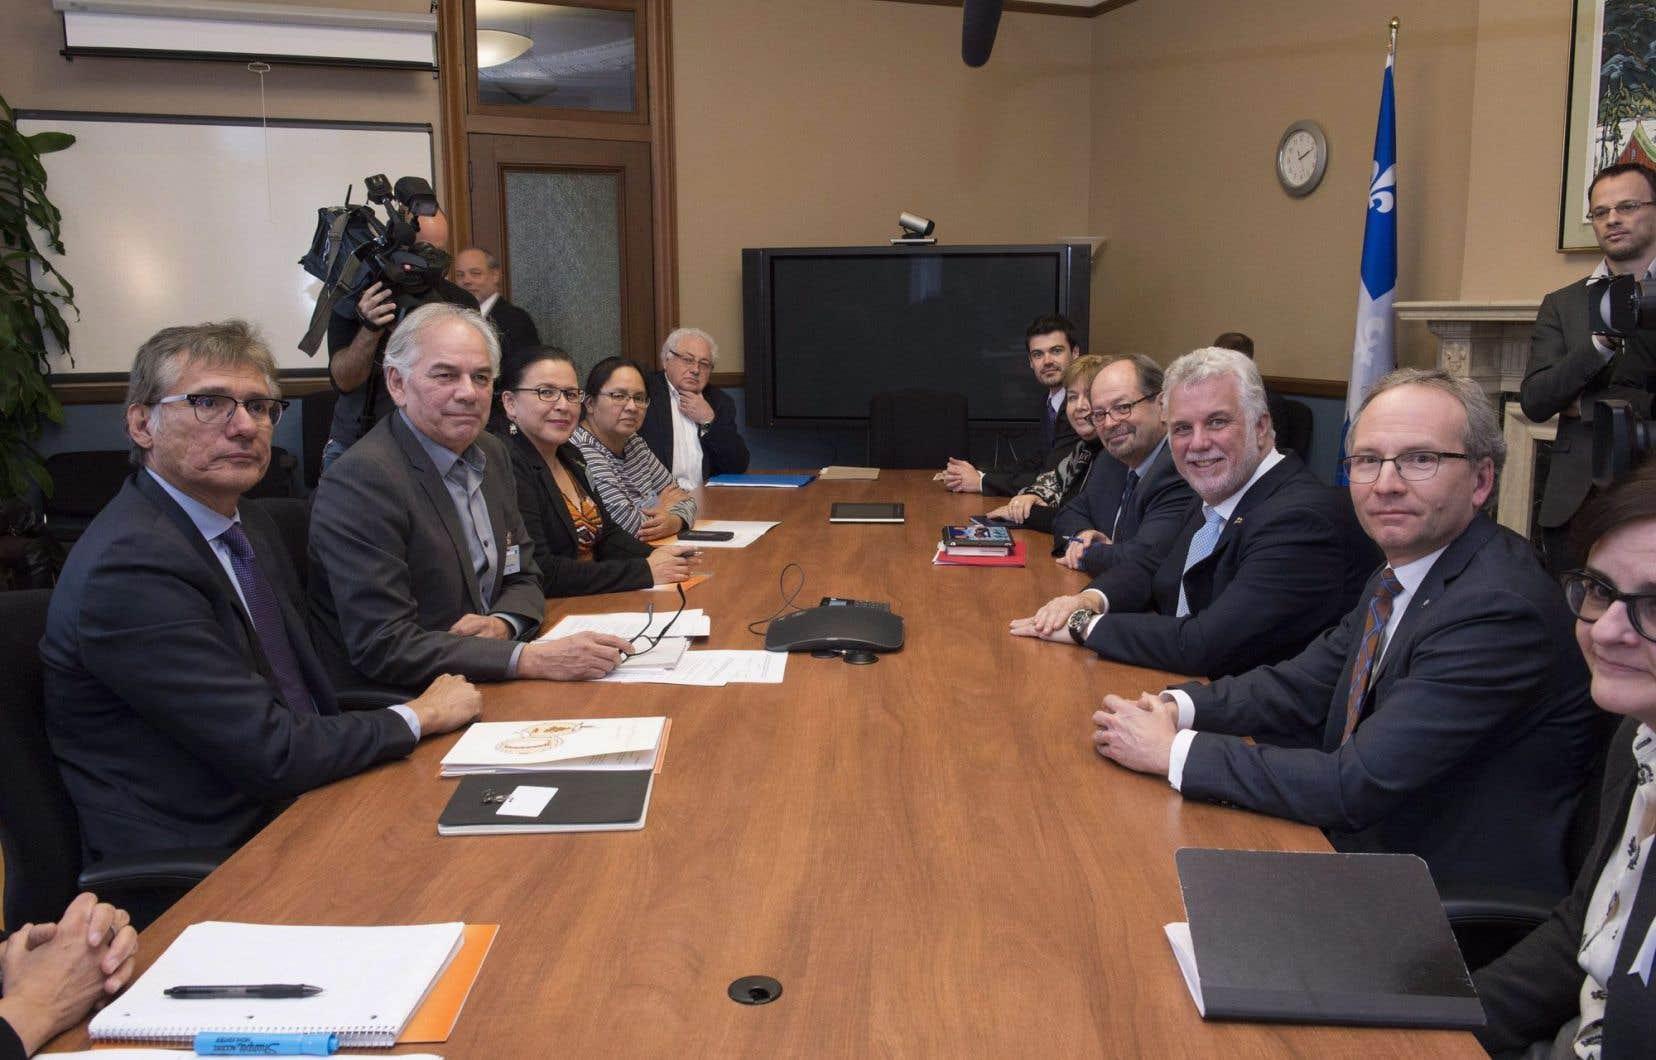 À son bureau, Philippe Couillard a tenu une rencontre formelle avec le chef de l'Assemblée des Premières Nations du Québec et du Labrador, Ghislain Picard, le grand chef des Cris, Matthew Coon Come, les chefs algonquines Adrienne Anichinapeo, de Kitcisakik, et Adrienne Jérôme, de Lac-Simon, et Édith Cloutier, du Centre d'amitié autochtone de Val-d'Or.